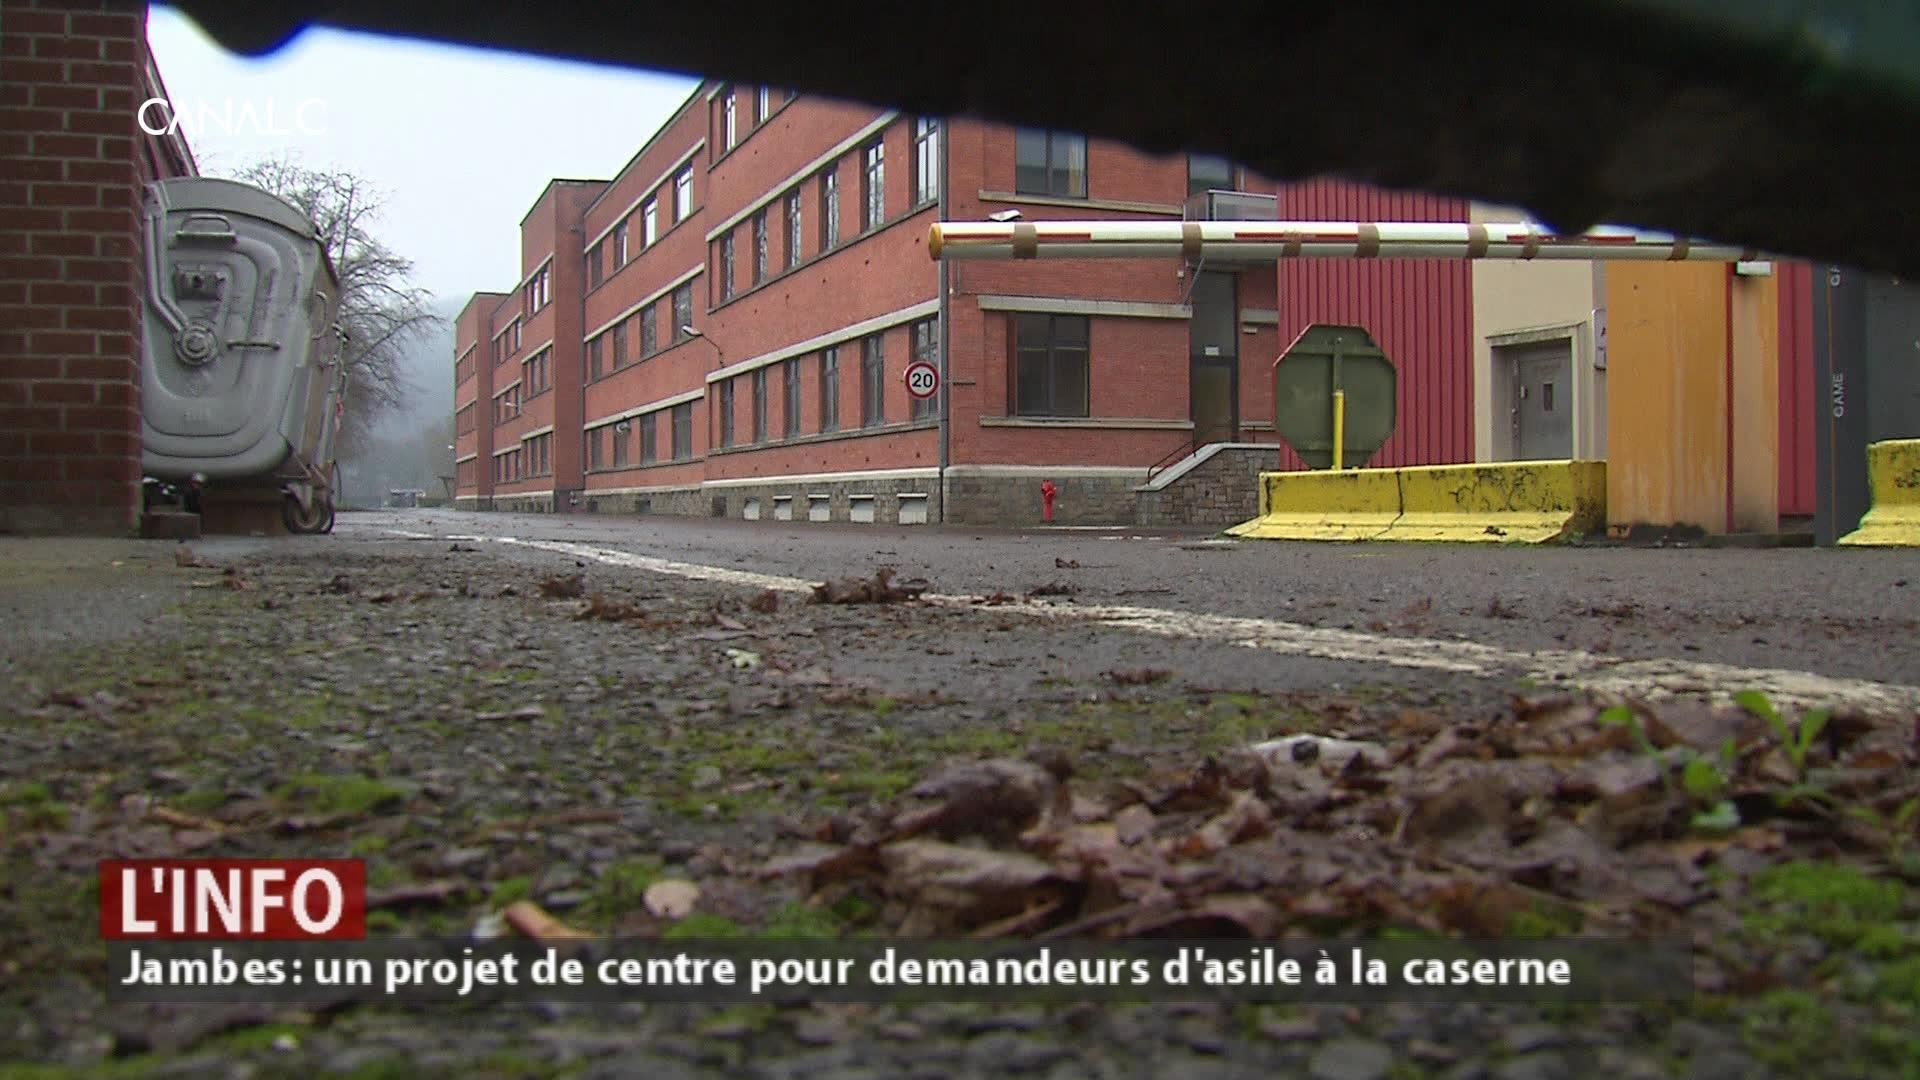 Fedasil veut créer un centre pour demandeurs d'asile à Jambes